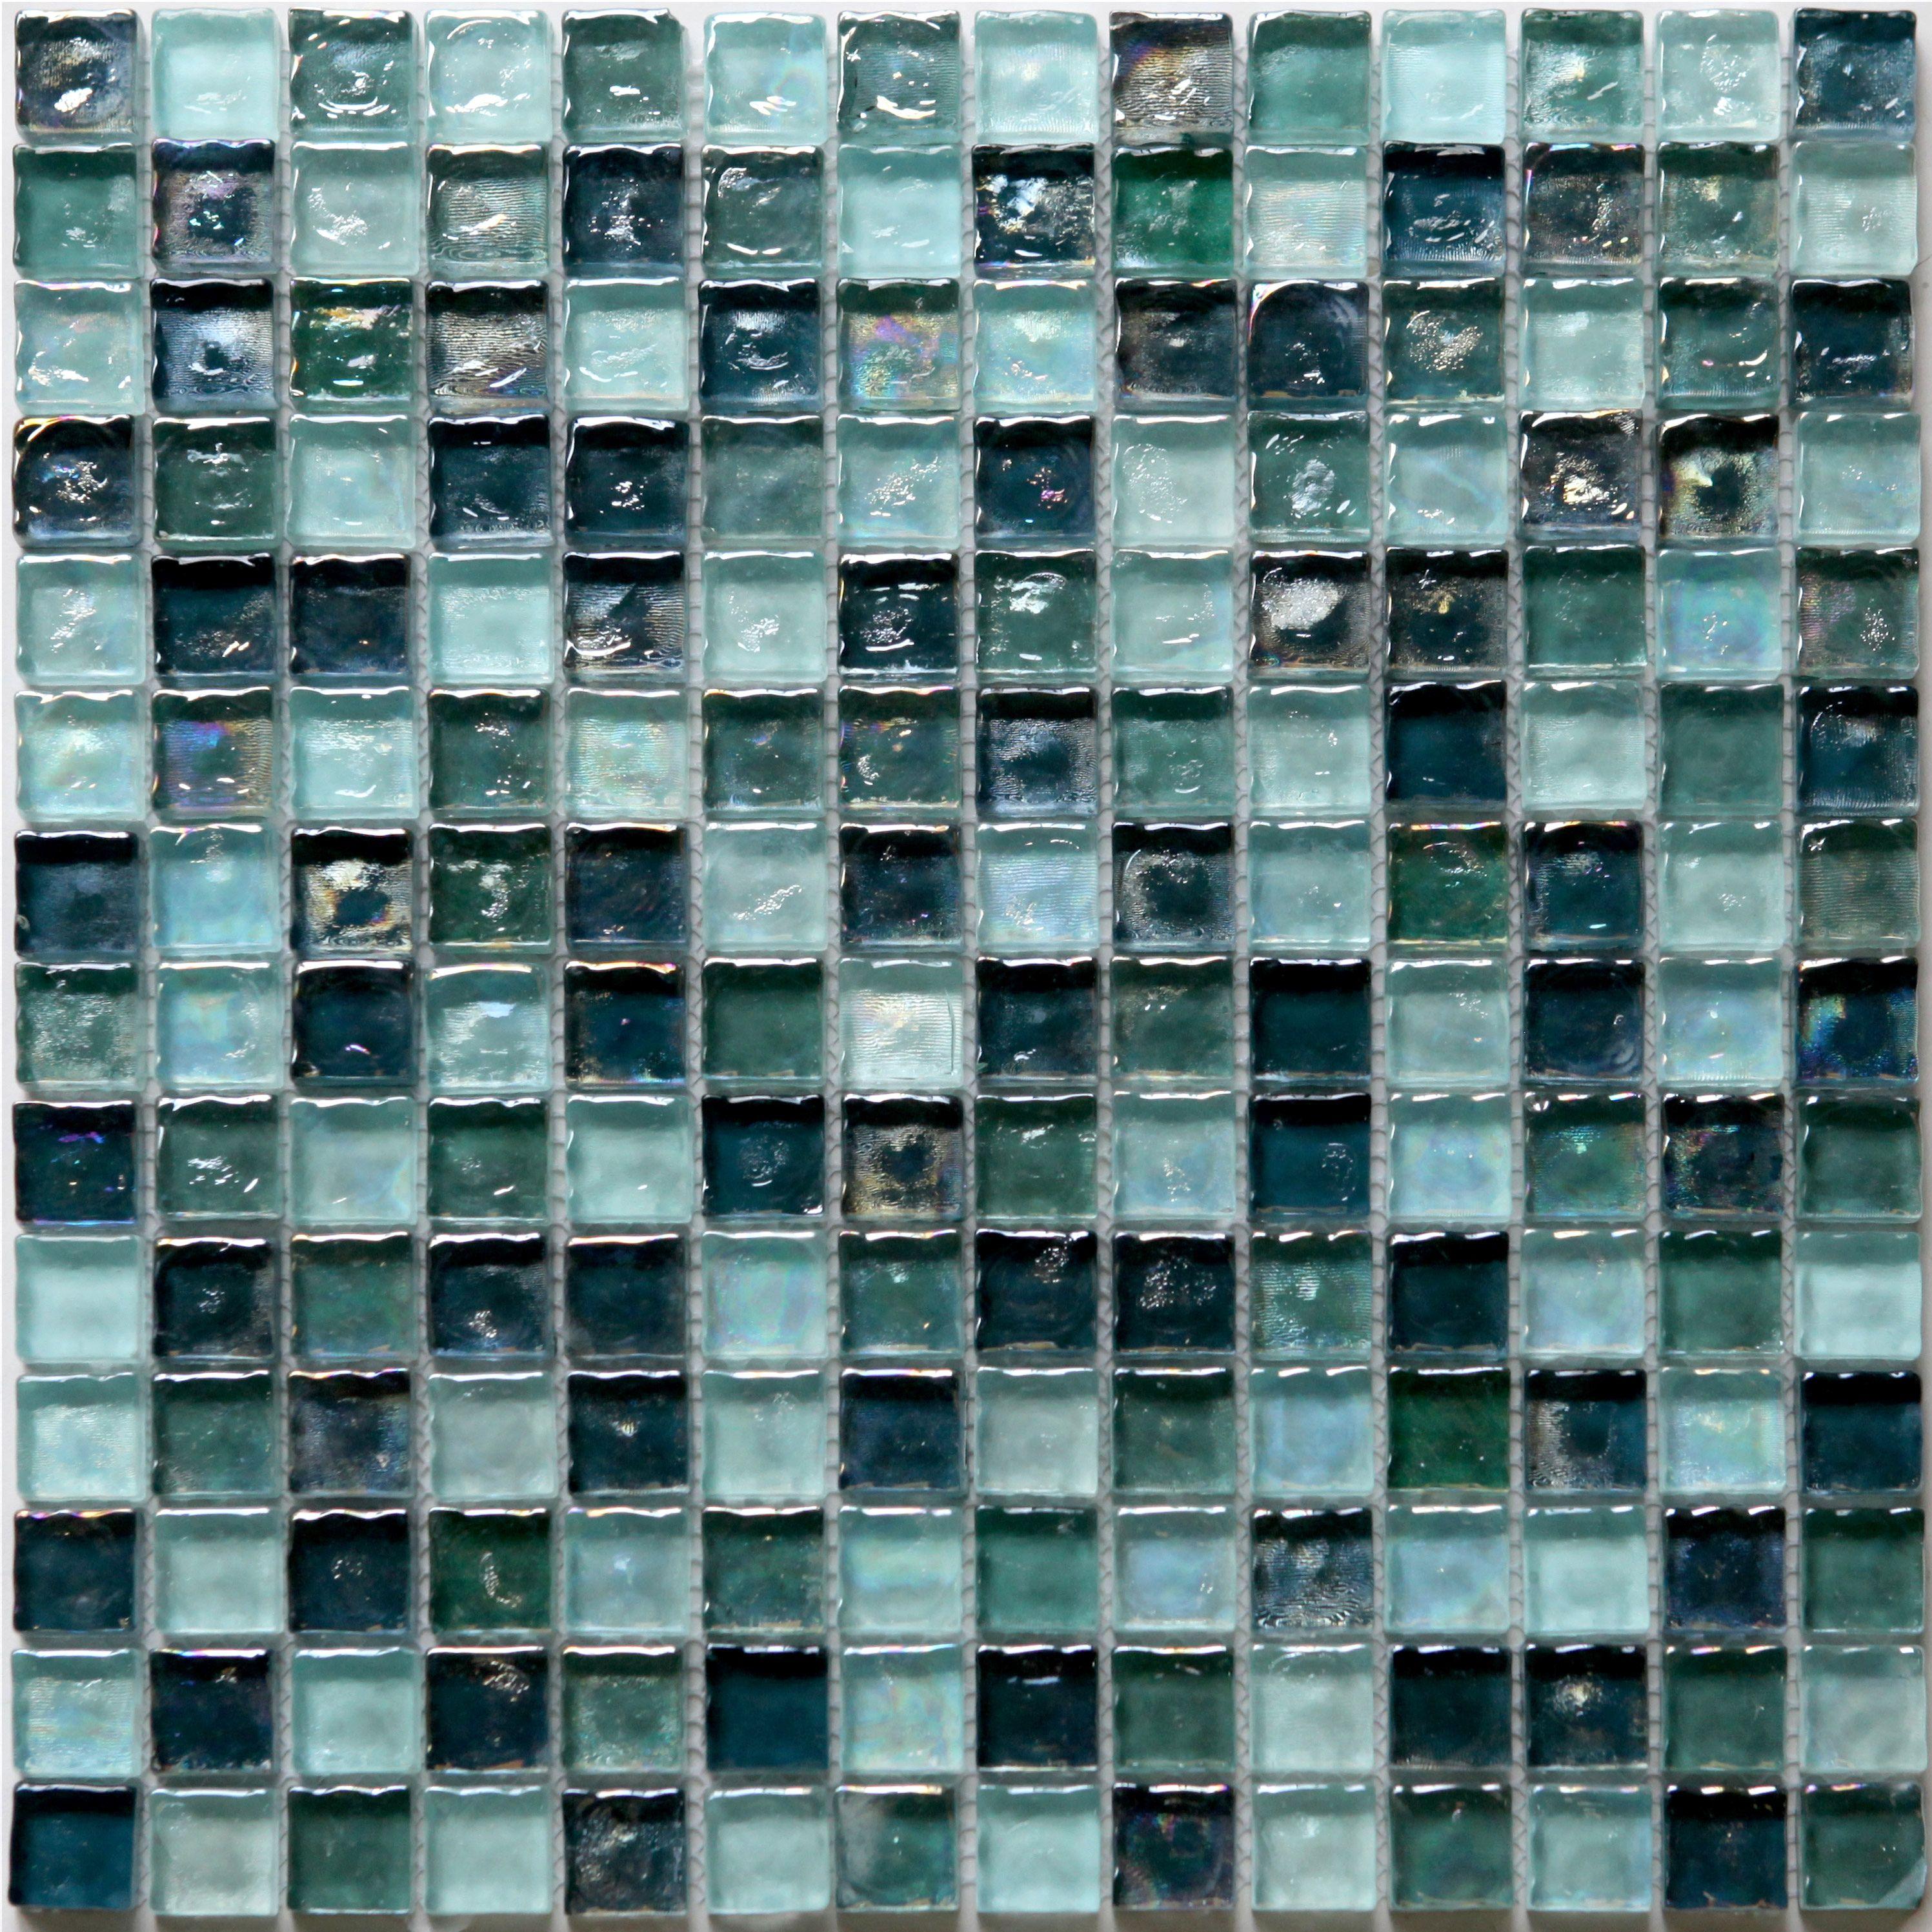 Bressia Blue Green Glass Mosaic Tile L 306mm W 306mm